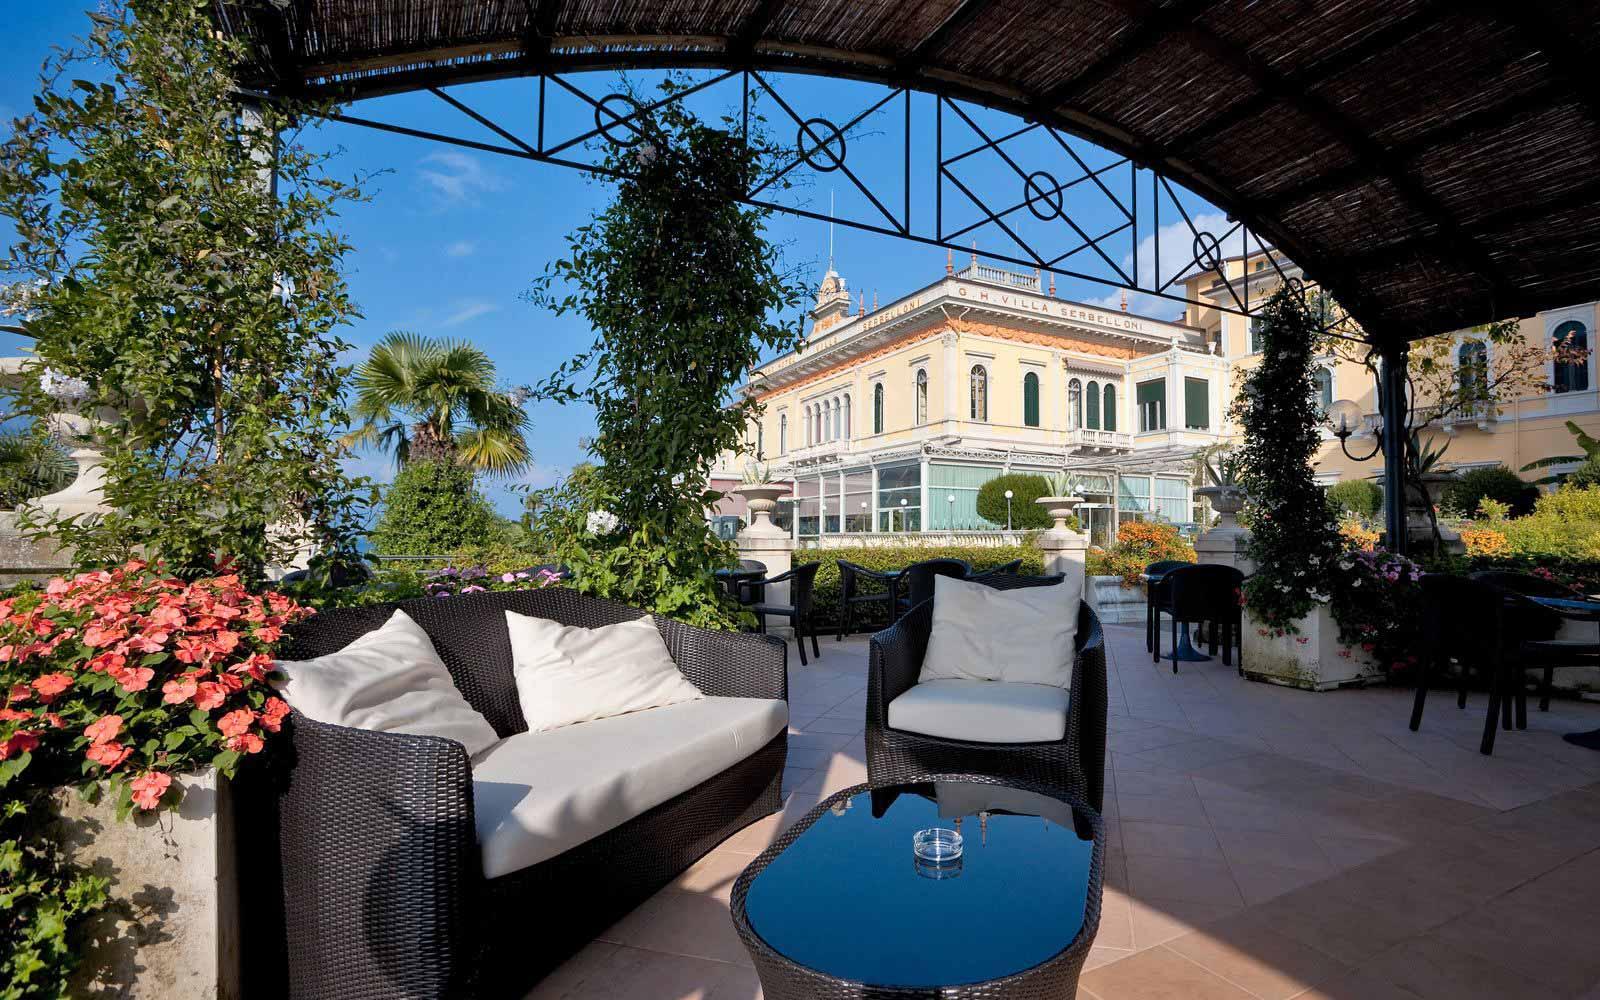 Sunny terrace at Grand Hotel Villa Serbelloni